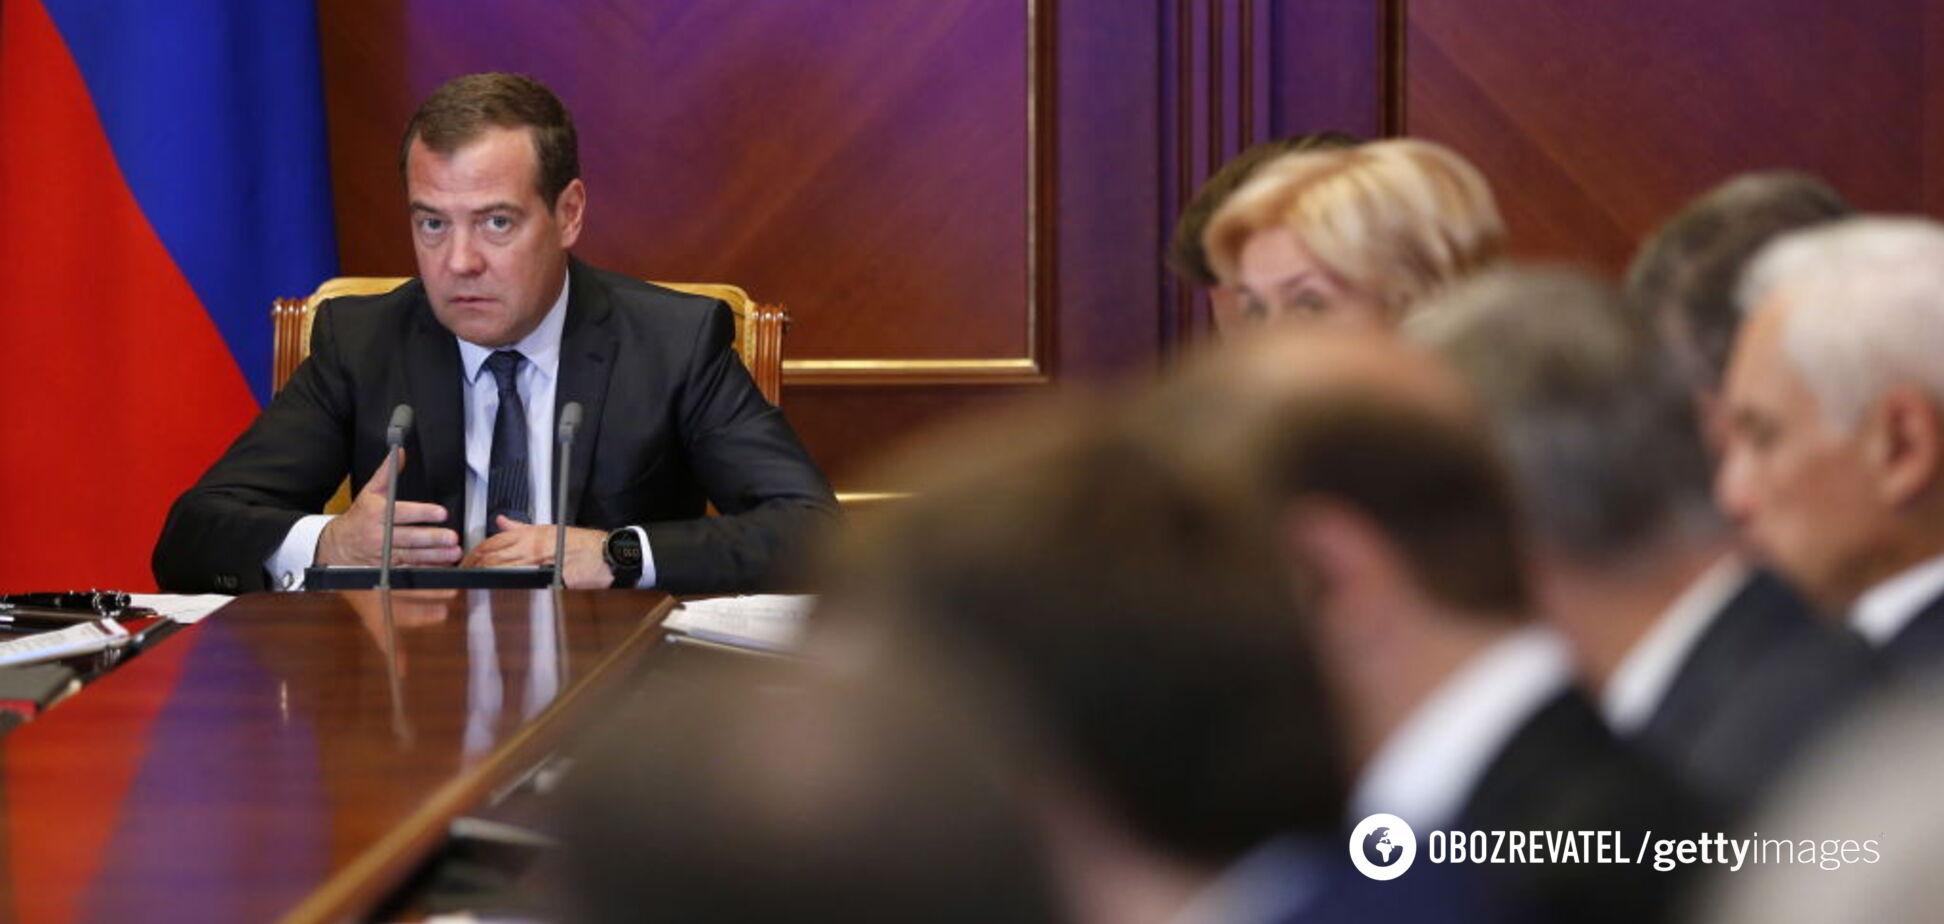 Путина убедили: в России заговорили о скорой отставке Медведева